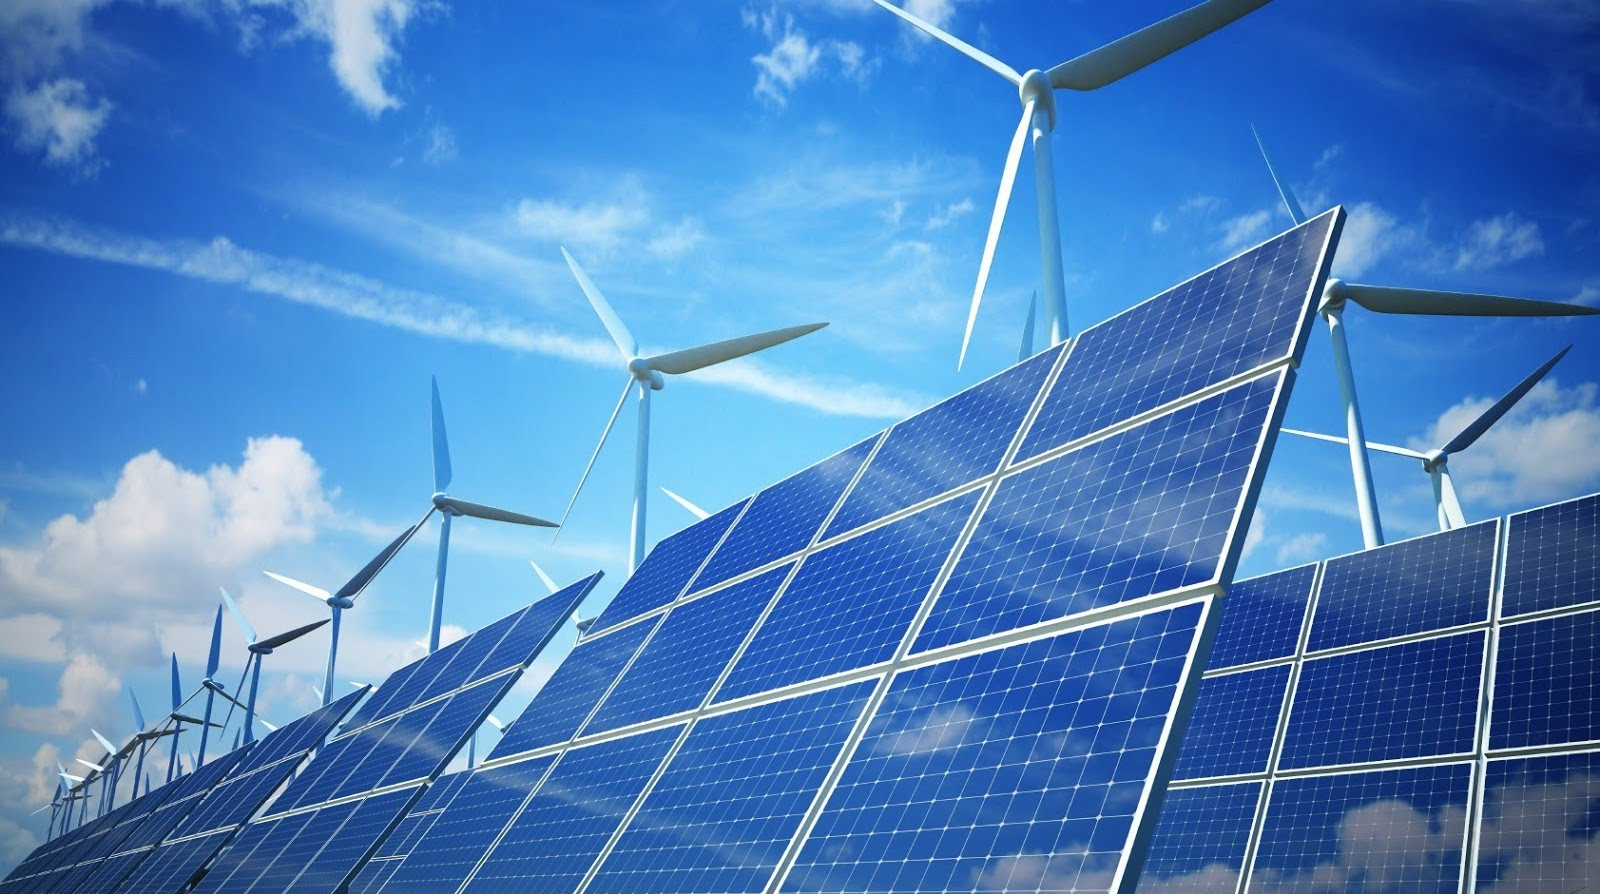 НаЯмале испытывают первую ветро-солнечную электростанцию— Энергетическое комбо